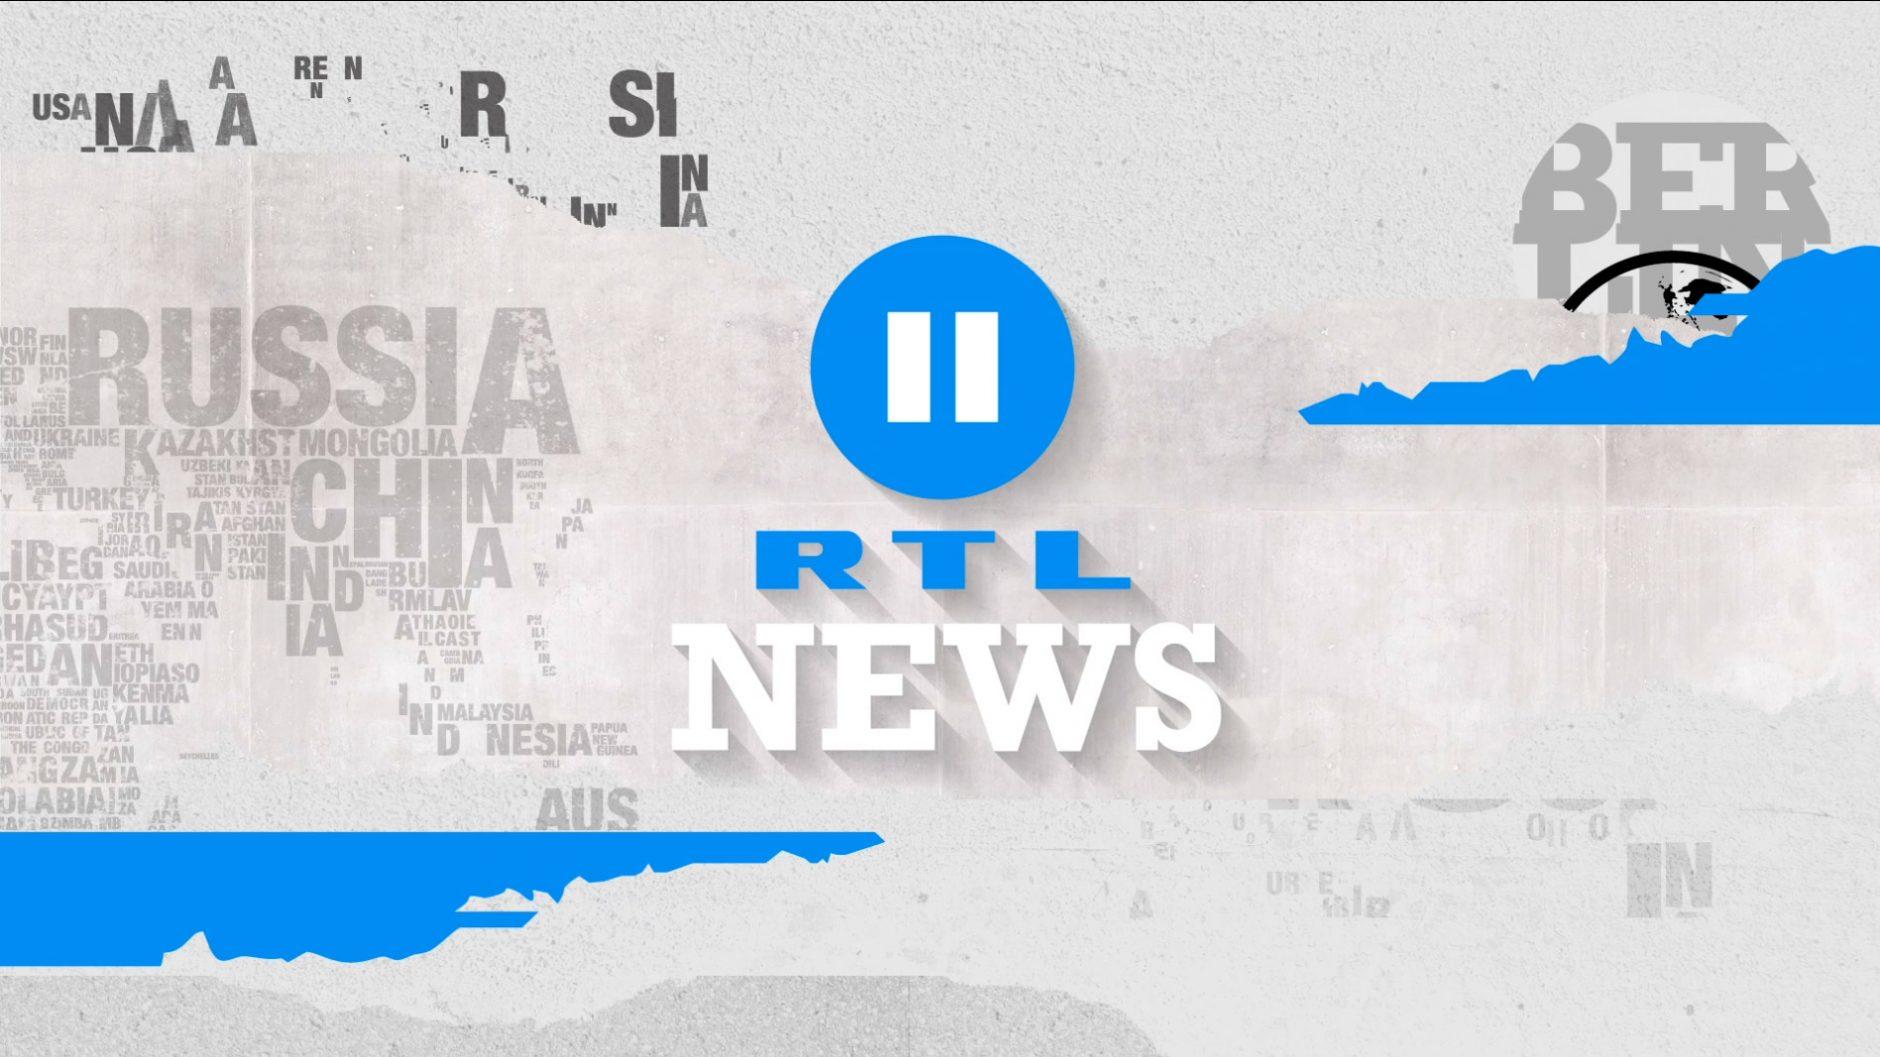 Klare Typografien und Icons in Schwarz-Weiß, gebrochen durch die CI-Farbe Azur - das zeichnet das Newsdesign von RTL 2 aus